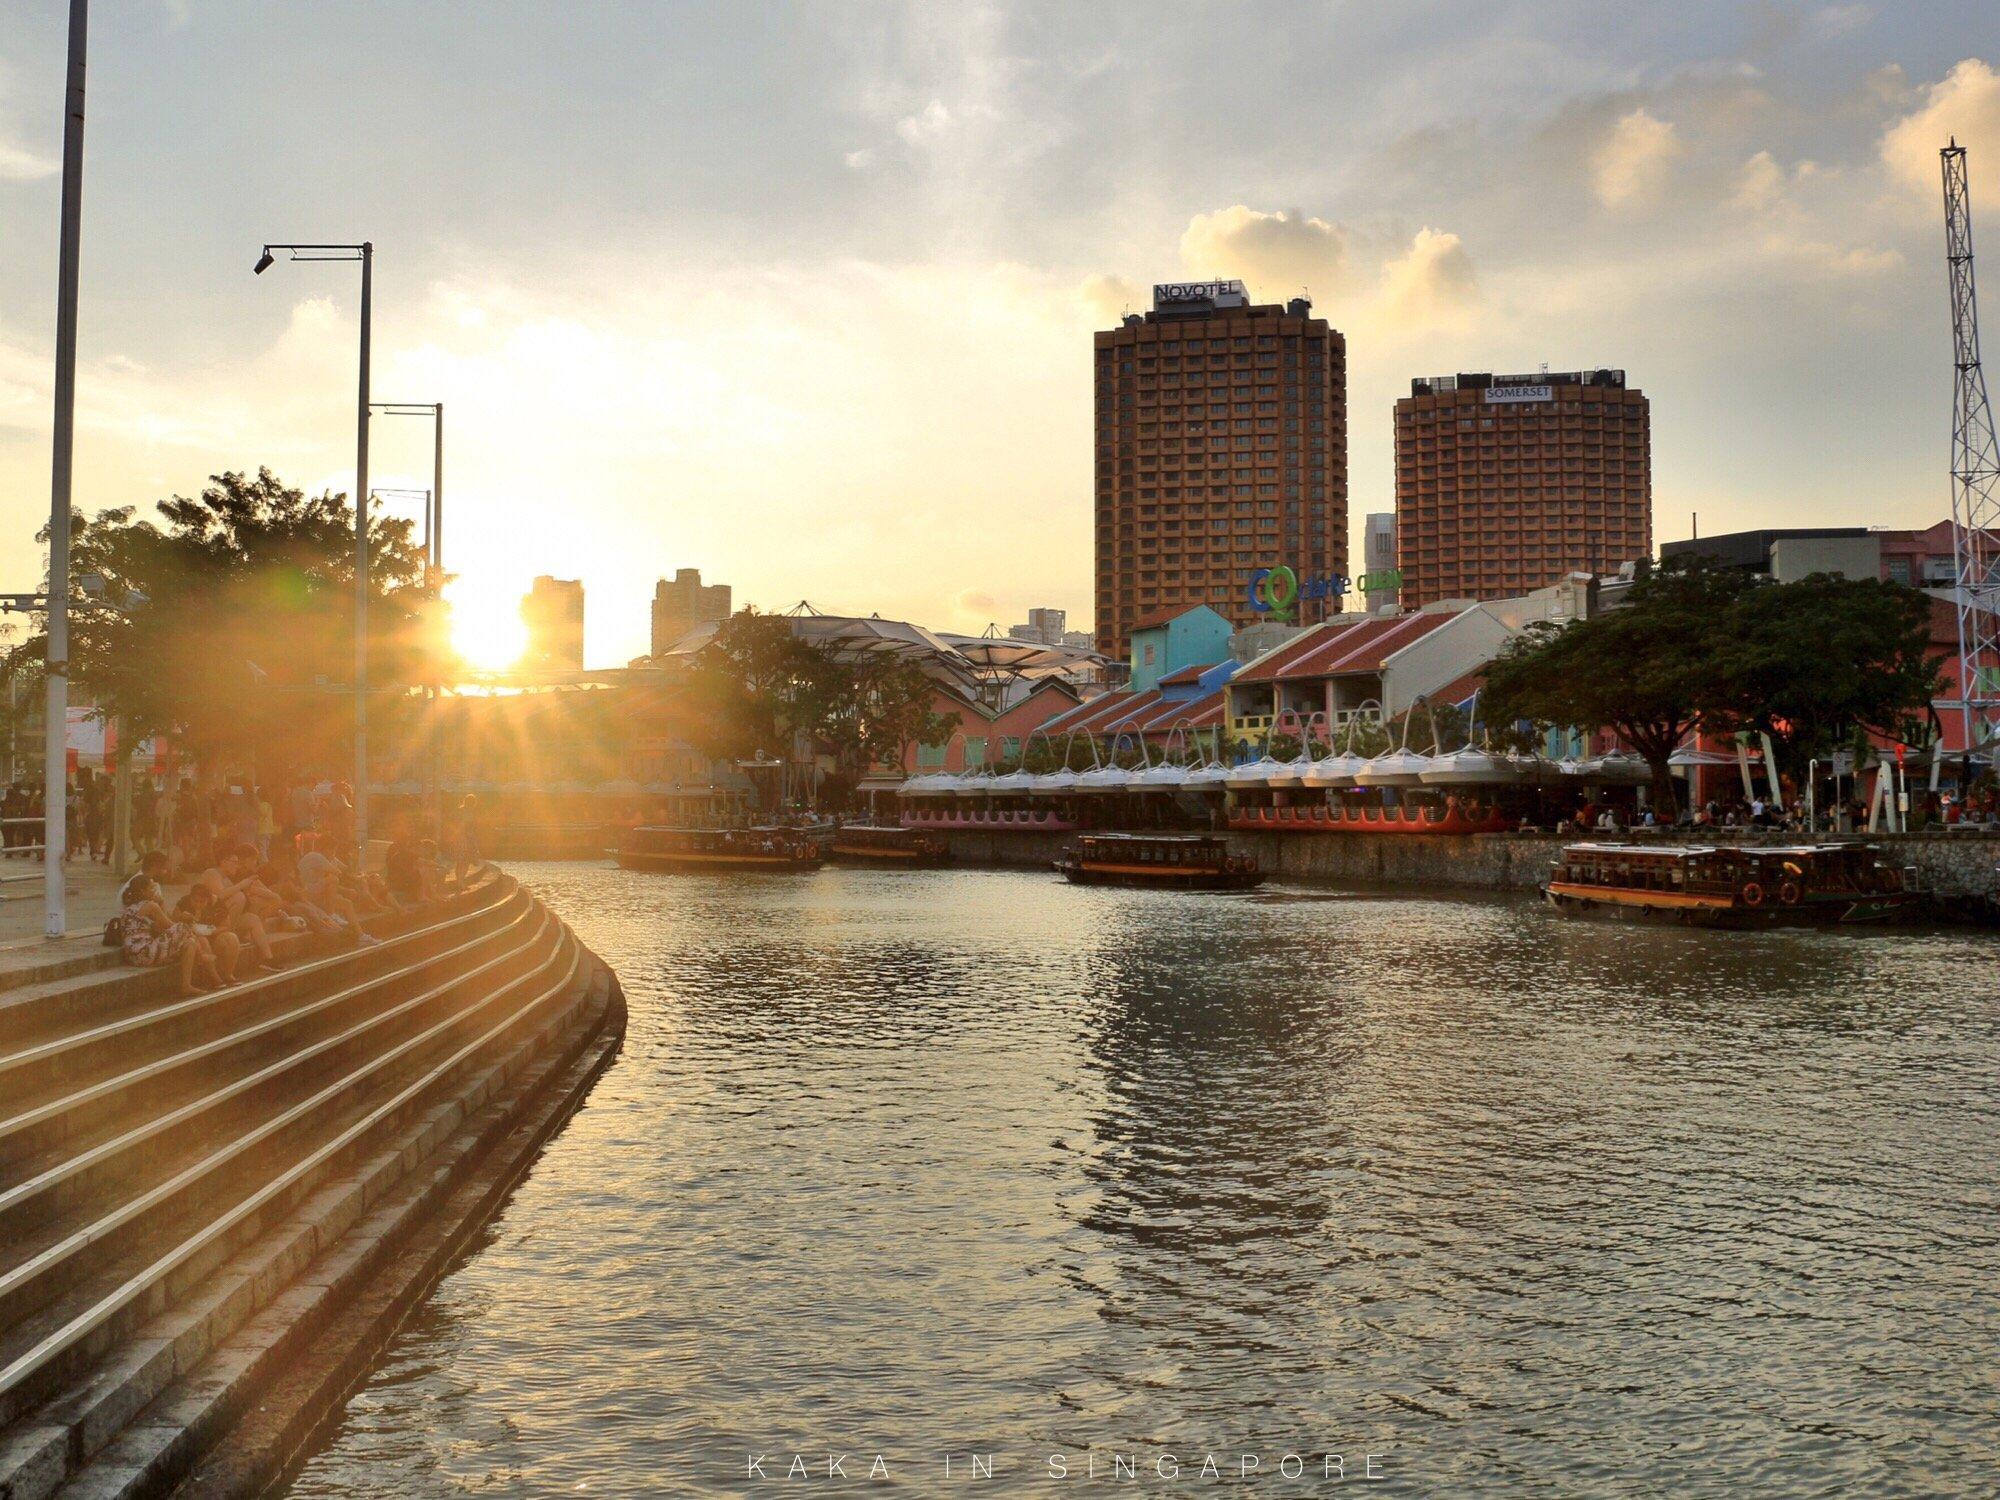 慢游狮城 — 5Days Singapore Tour